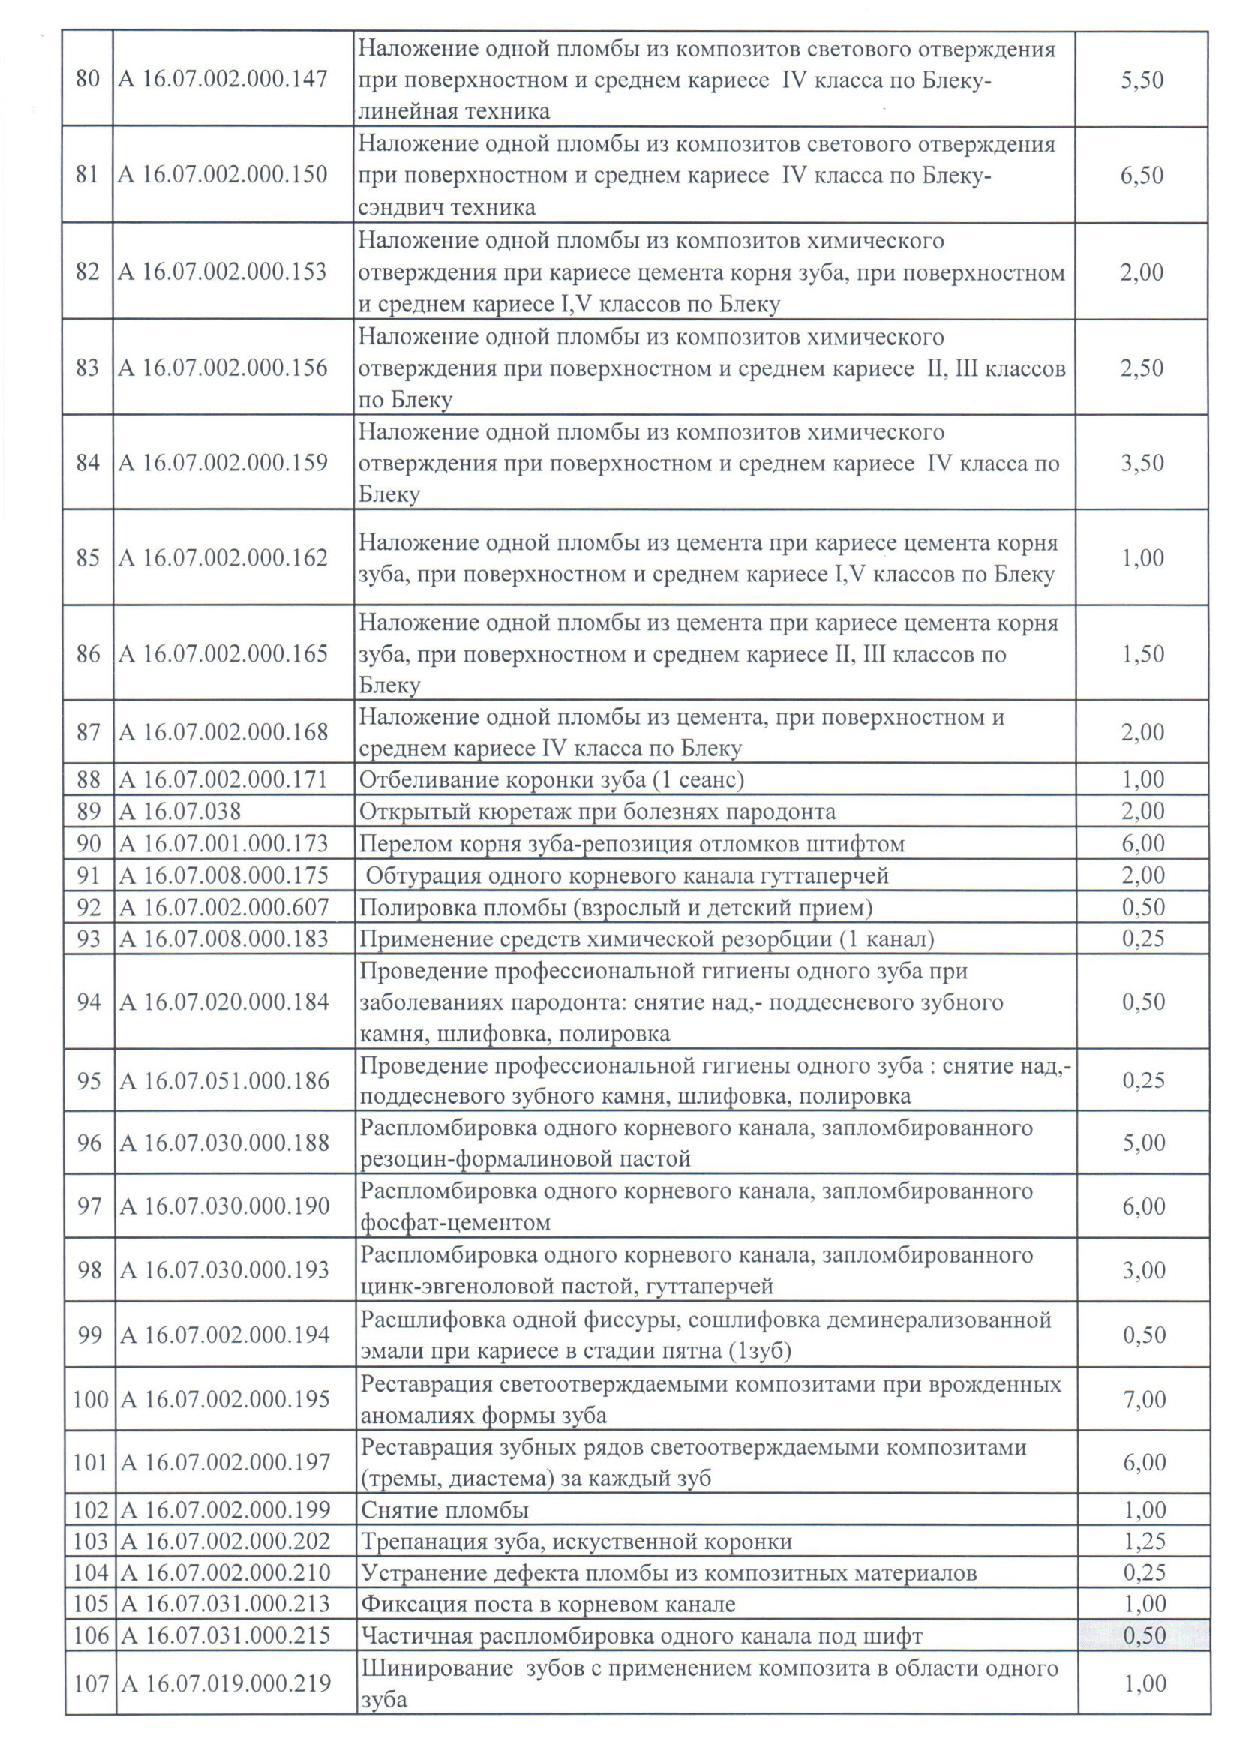 Приказ 28 от 12.02.2016 об утверждении перечня платных медицинских услуг (5)